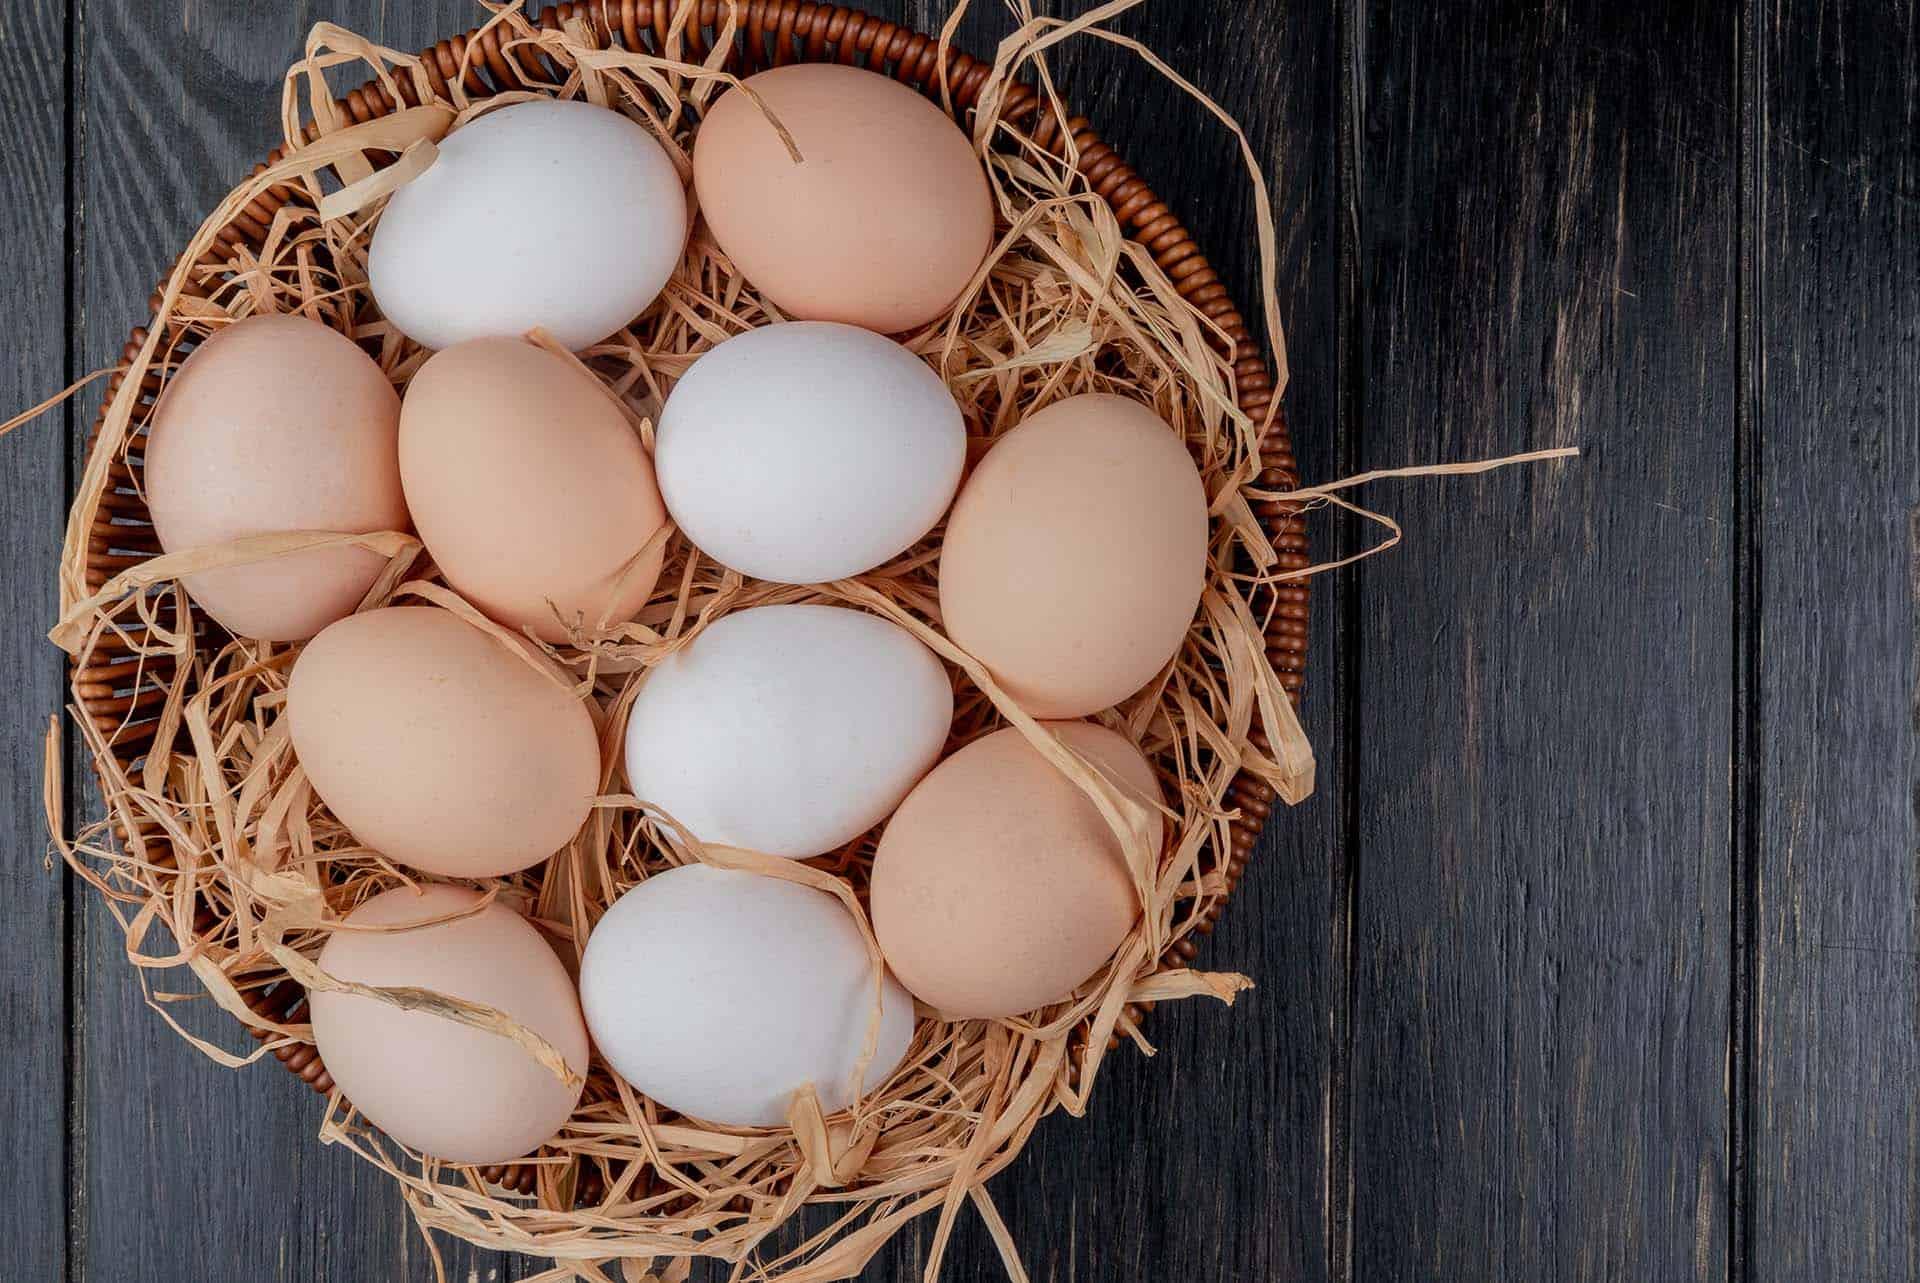 Kahverengi Ve Beyaz Yumurtanın Farkları